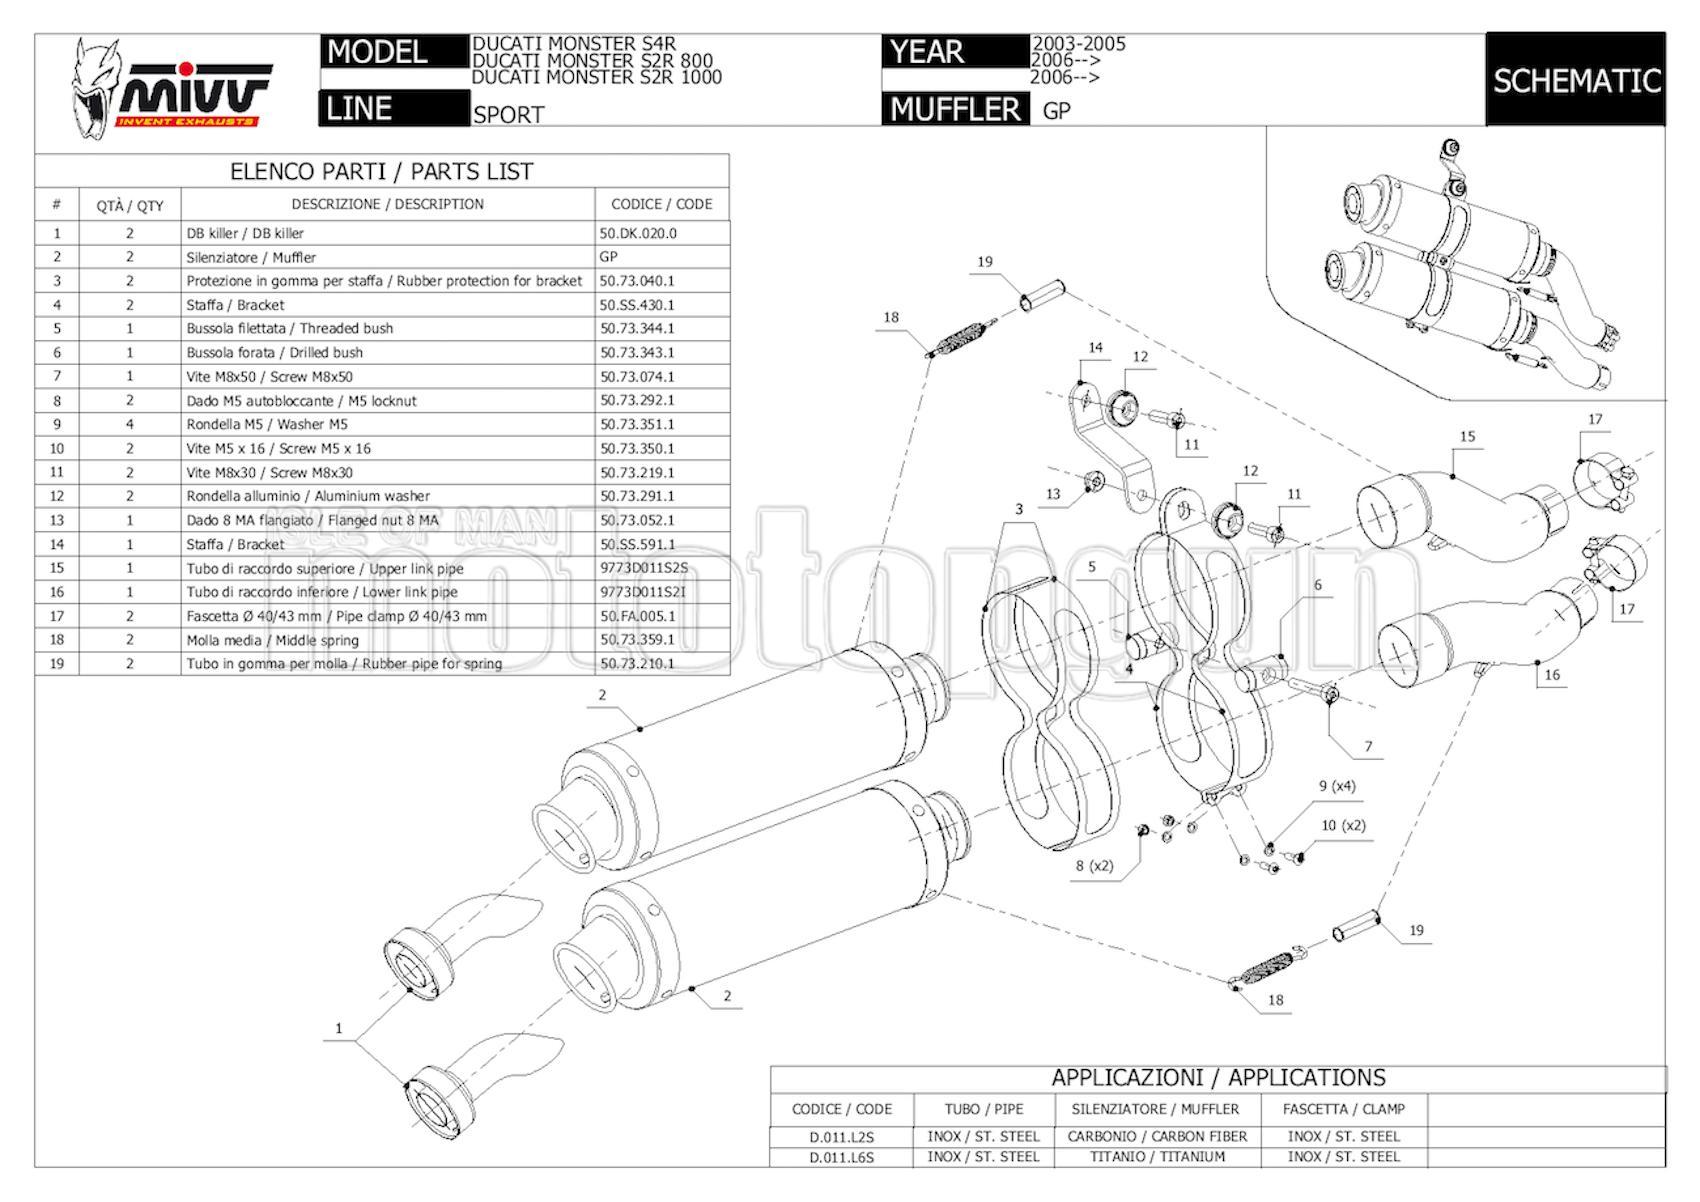 MIVV 2 EXHAUST HOM GP STEEL BLACK DUCATI MONSTER S4R 2003